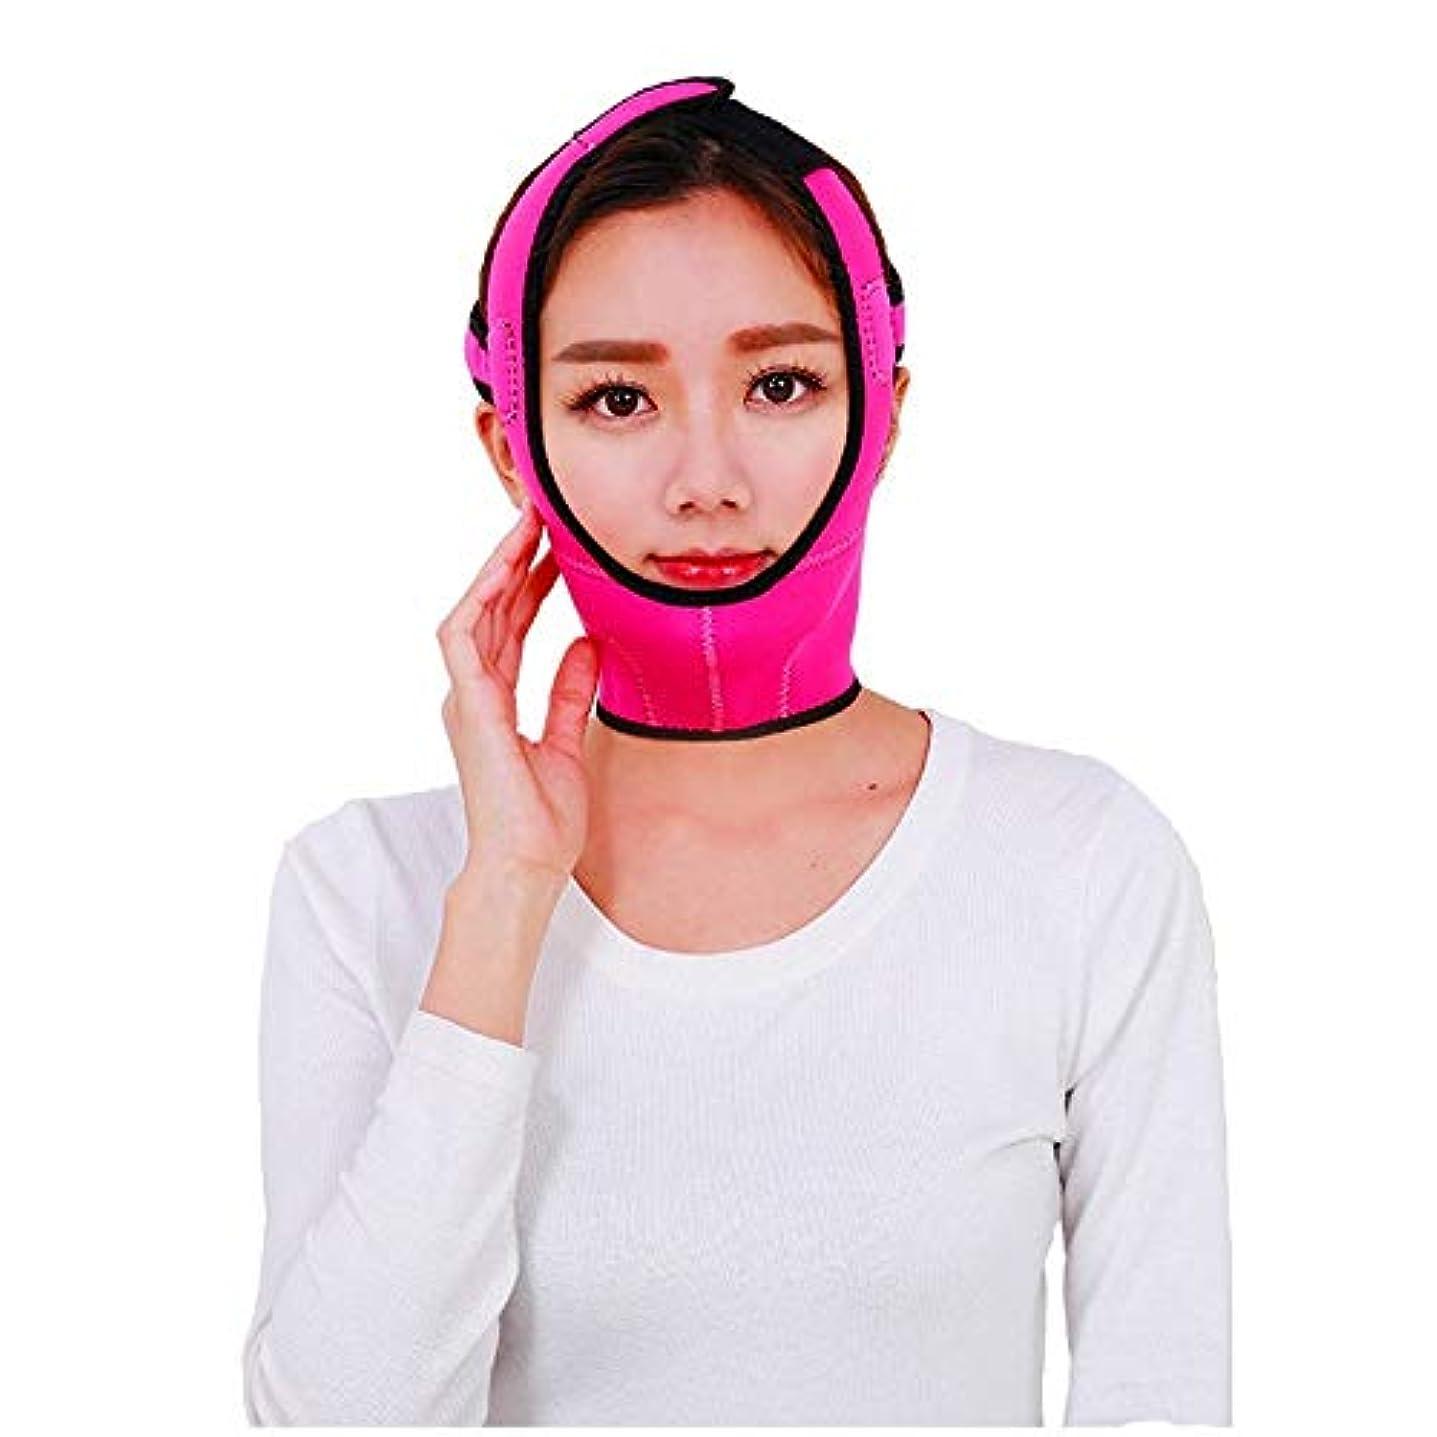 イブニングいまシャットフェイスリフティングベルト、フェイスリフティング包帯フェイシャルフェイスシェイパーフェイスブレースV字型包帯で二重あごのしわ防止アンチエイジングを軽減 (Color : Pink)